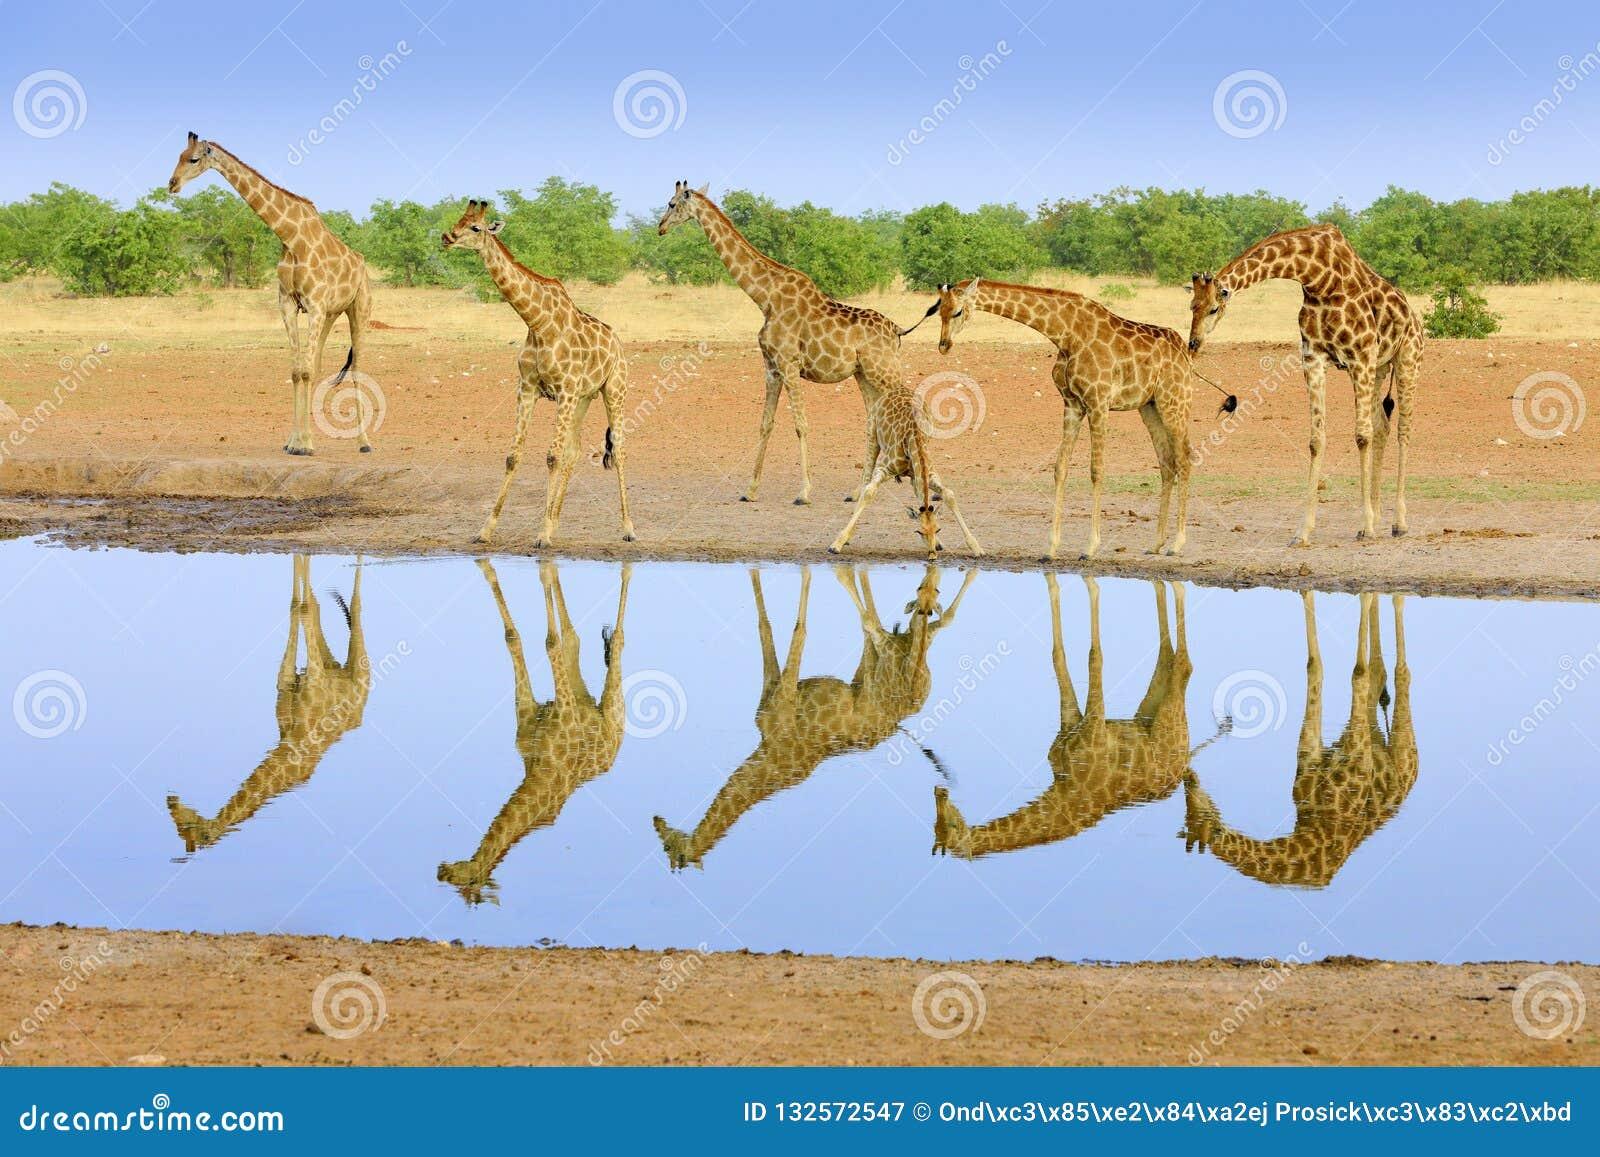 Groep giraf dichtbij de waterpoel, spiegelbezinning in het nog water, Etosha NP, Namibië, Afrika Heel wat giraf in